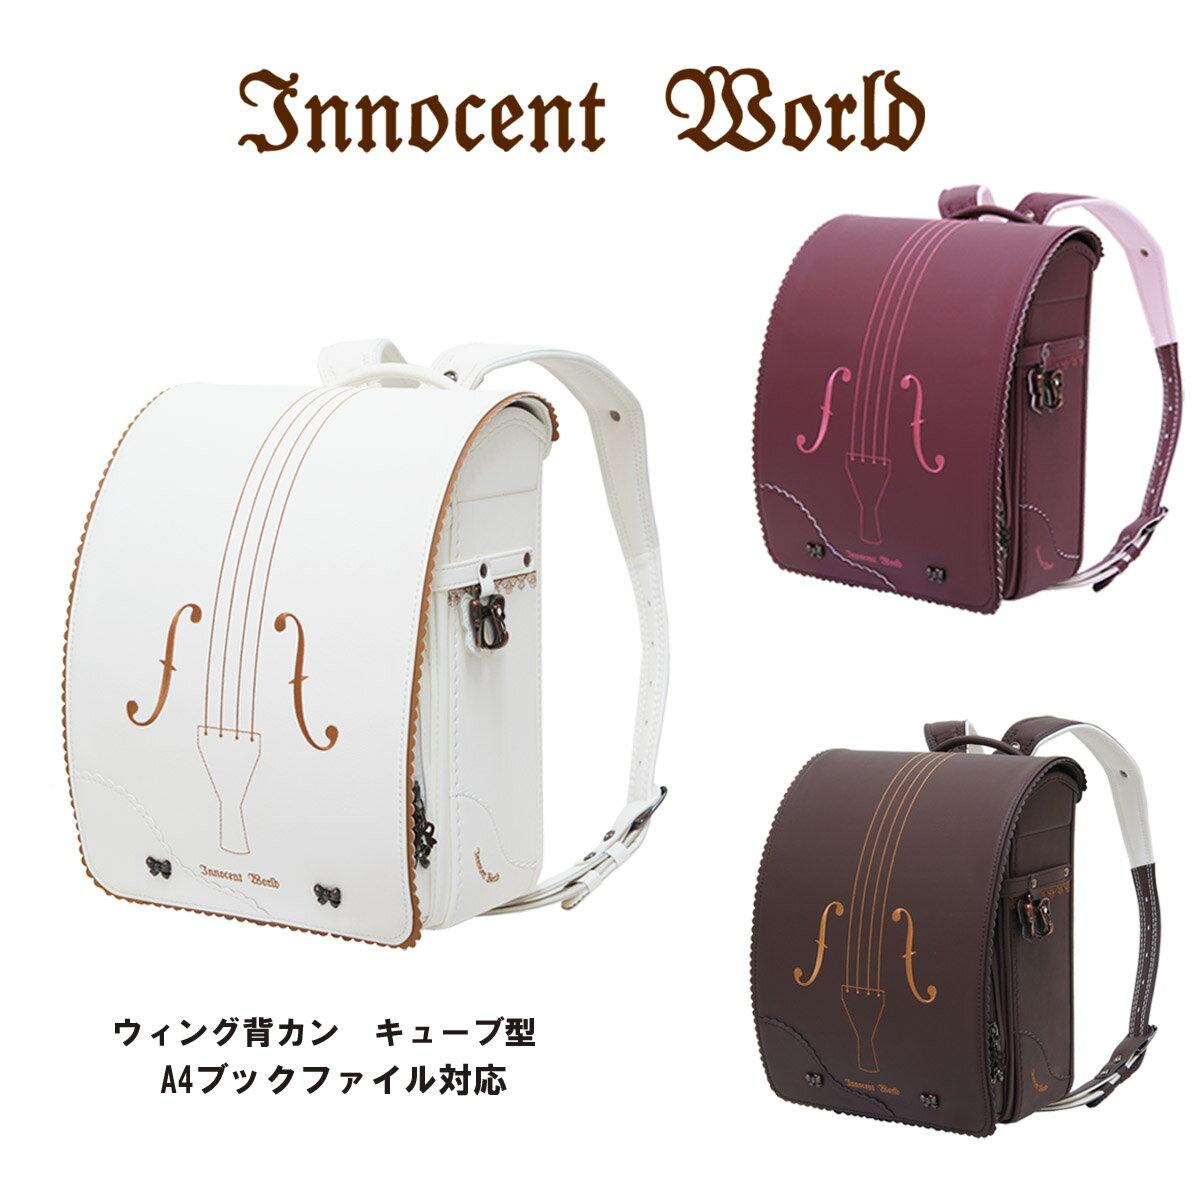 バッグ・ランドセル, ランドセル 2021 Innocent World 0118-8203 MADE IN JAPAN()